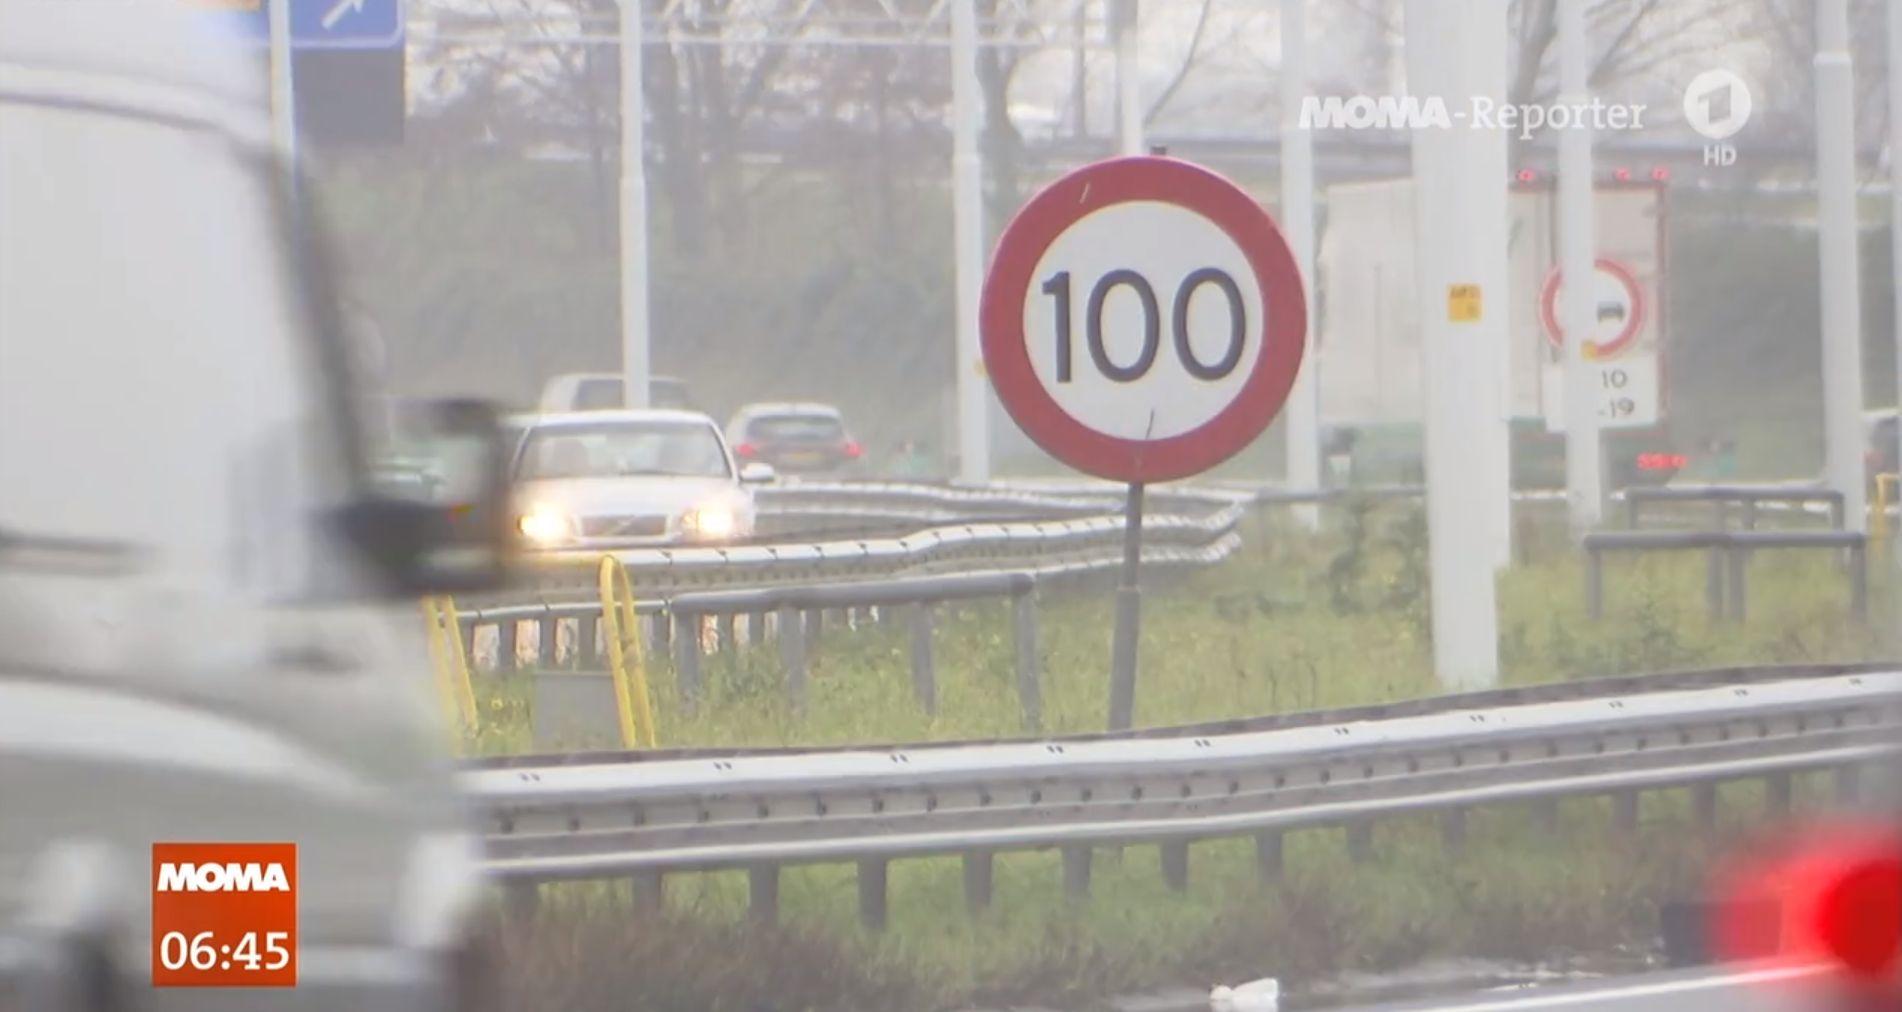 Tempo 100 für das Klima